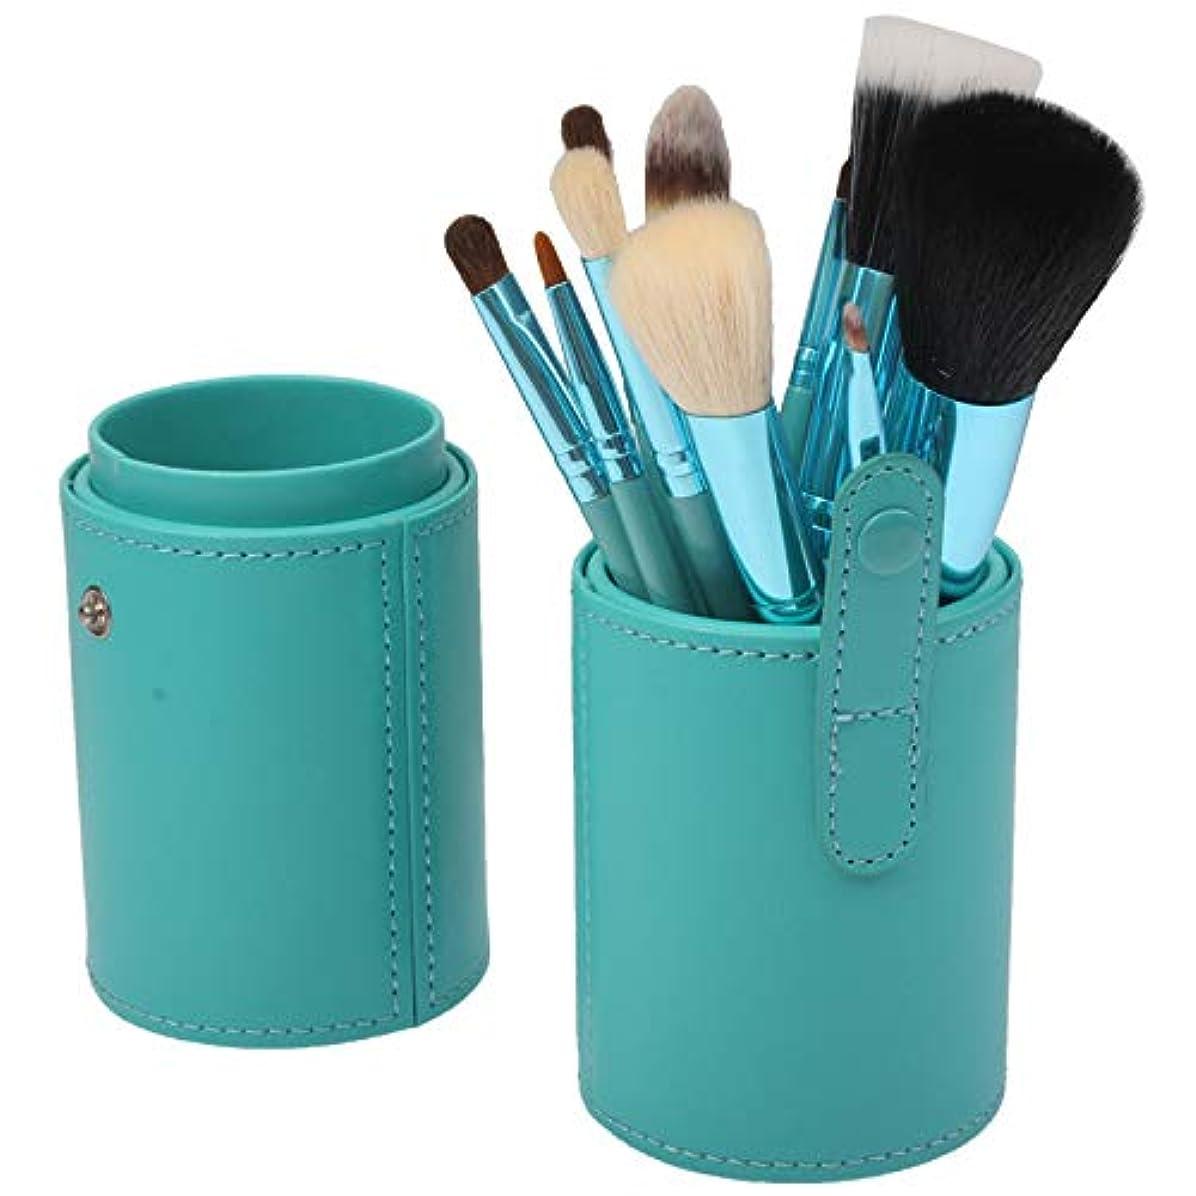 真空可動純粋なMEI1JIA キャリングケースPUレザーカップとQUELLIA 12 PCSプロフェッショナルメイクアップブラシセット美容キットの化粧品(グリーン)